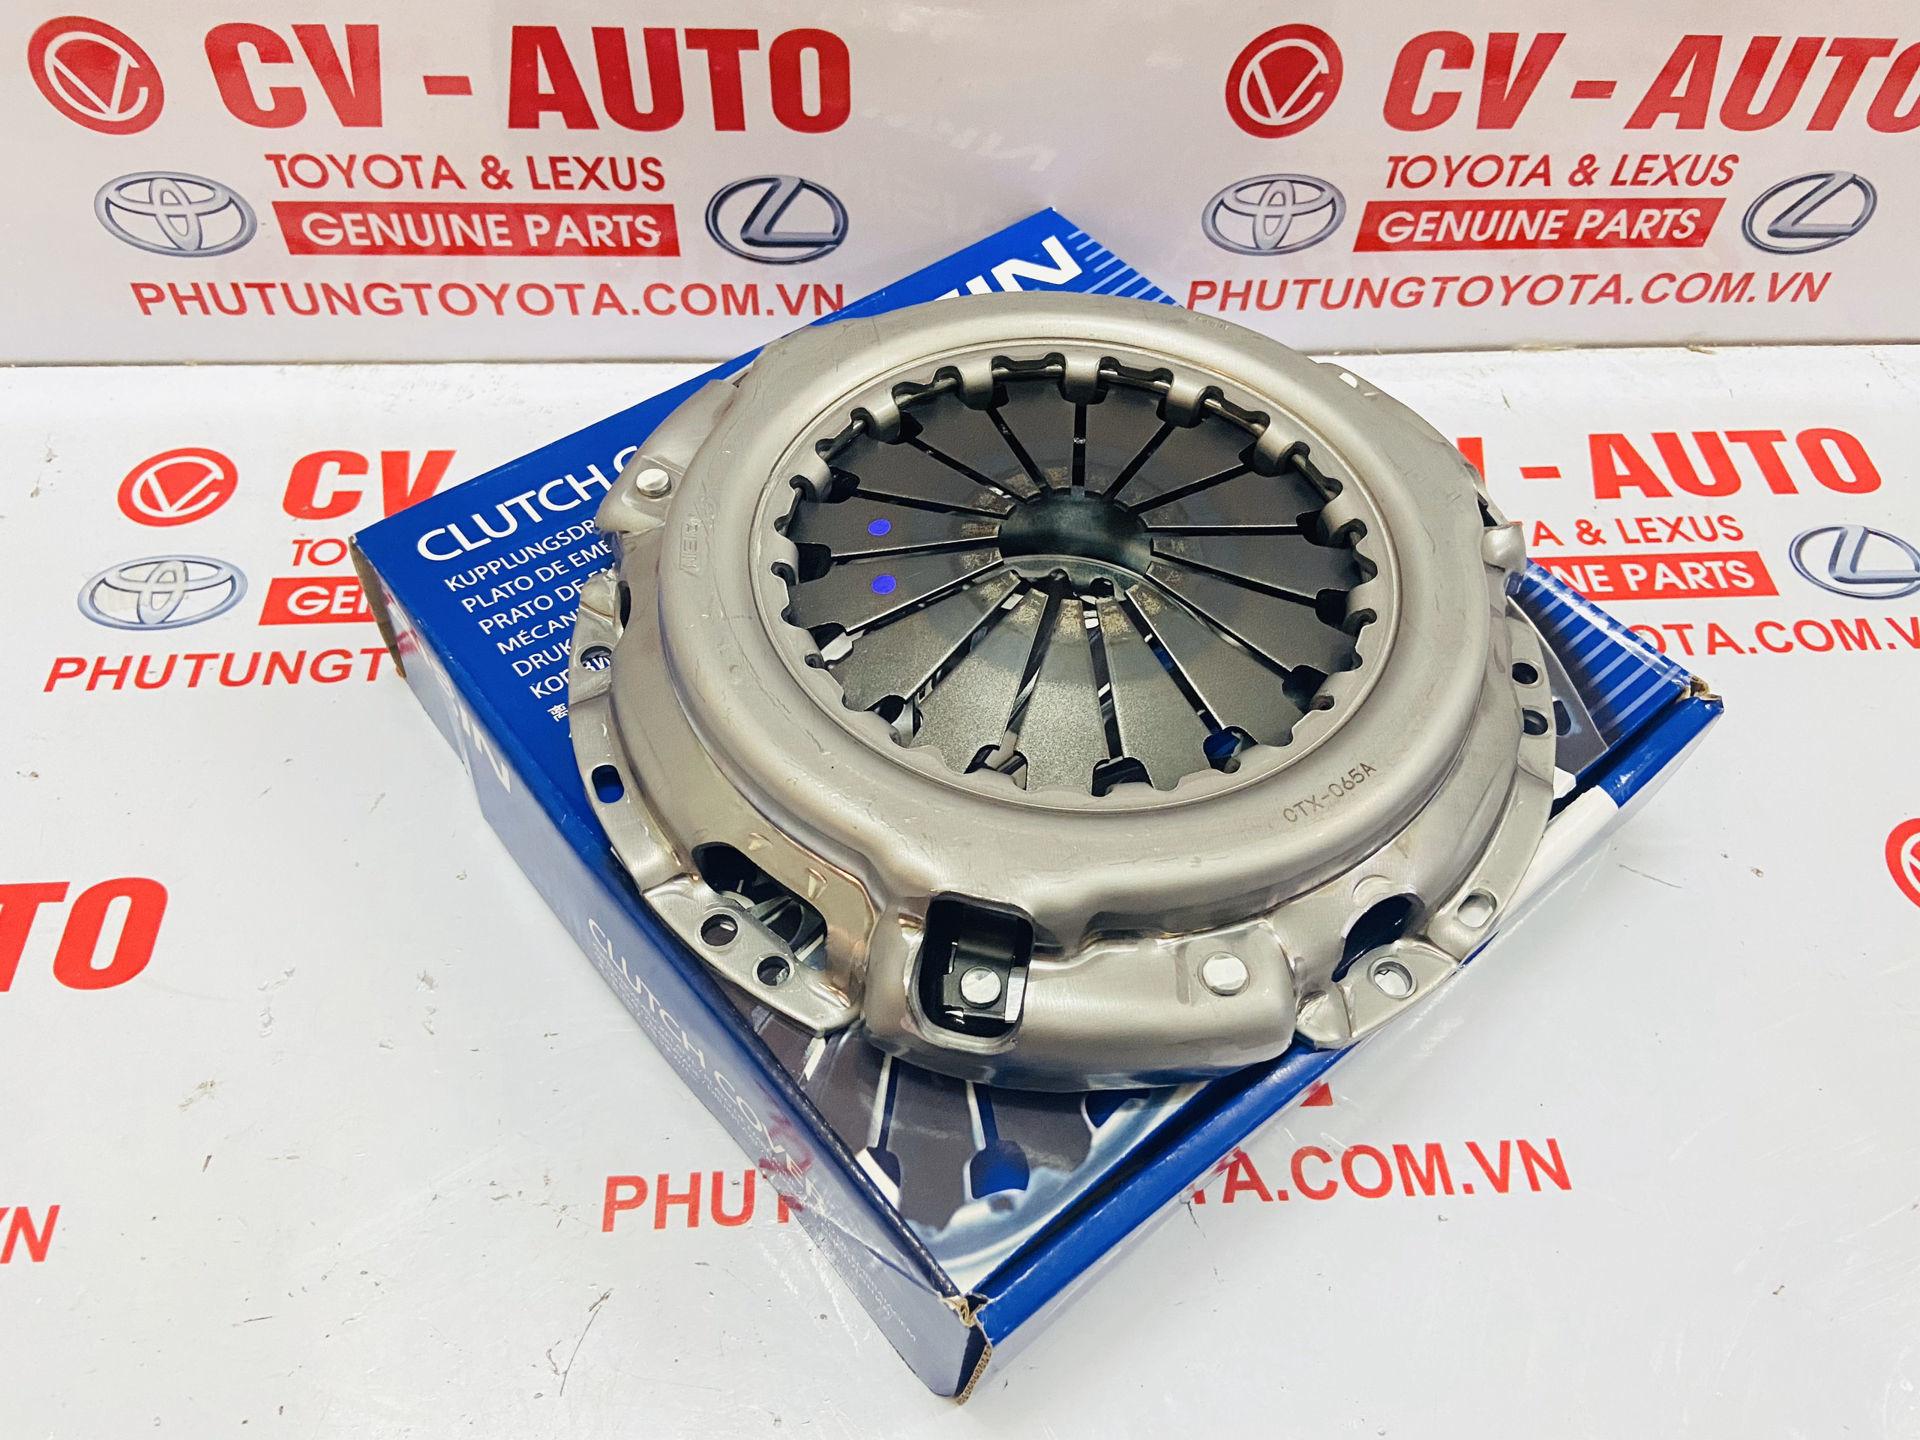 Picture of CTX-065A Bàn ép D23.5 Toyota Innova Aisin chính hãng